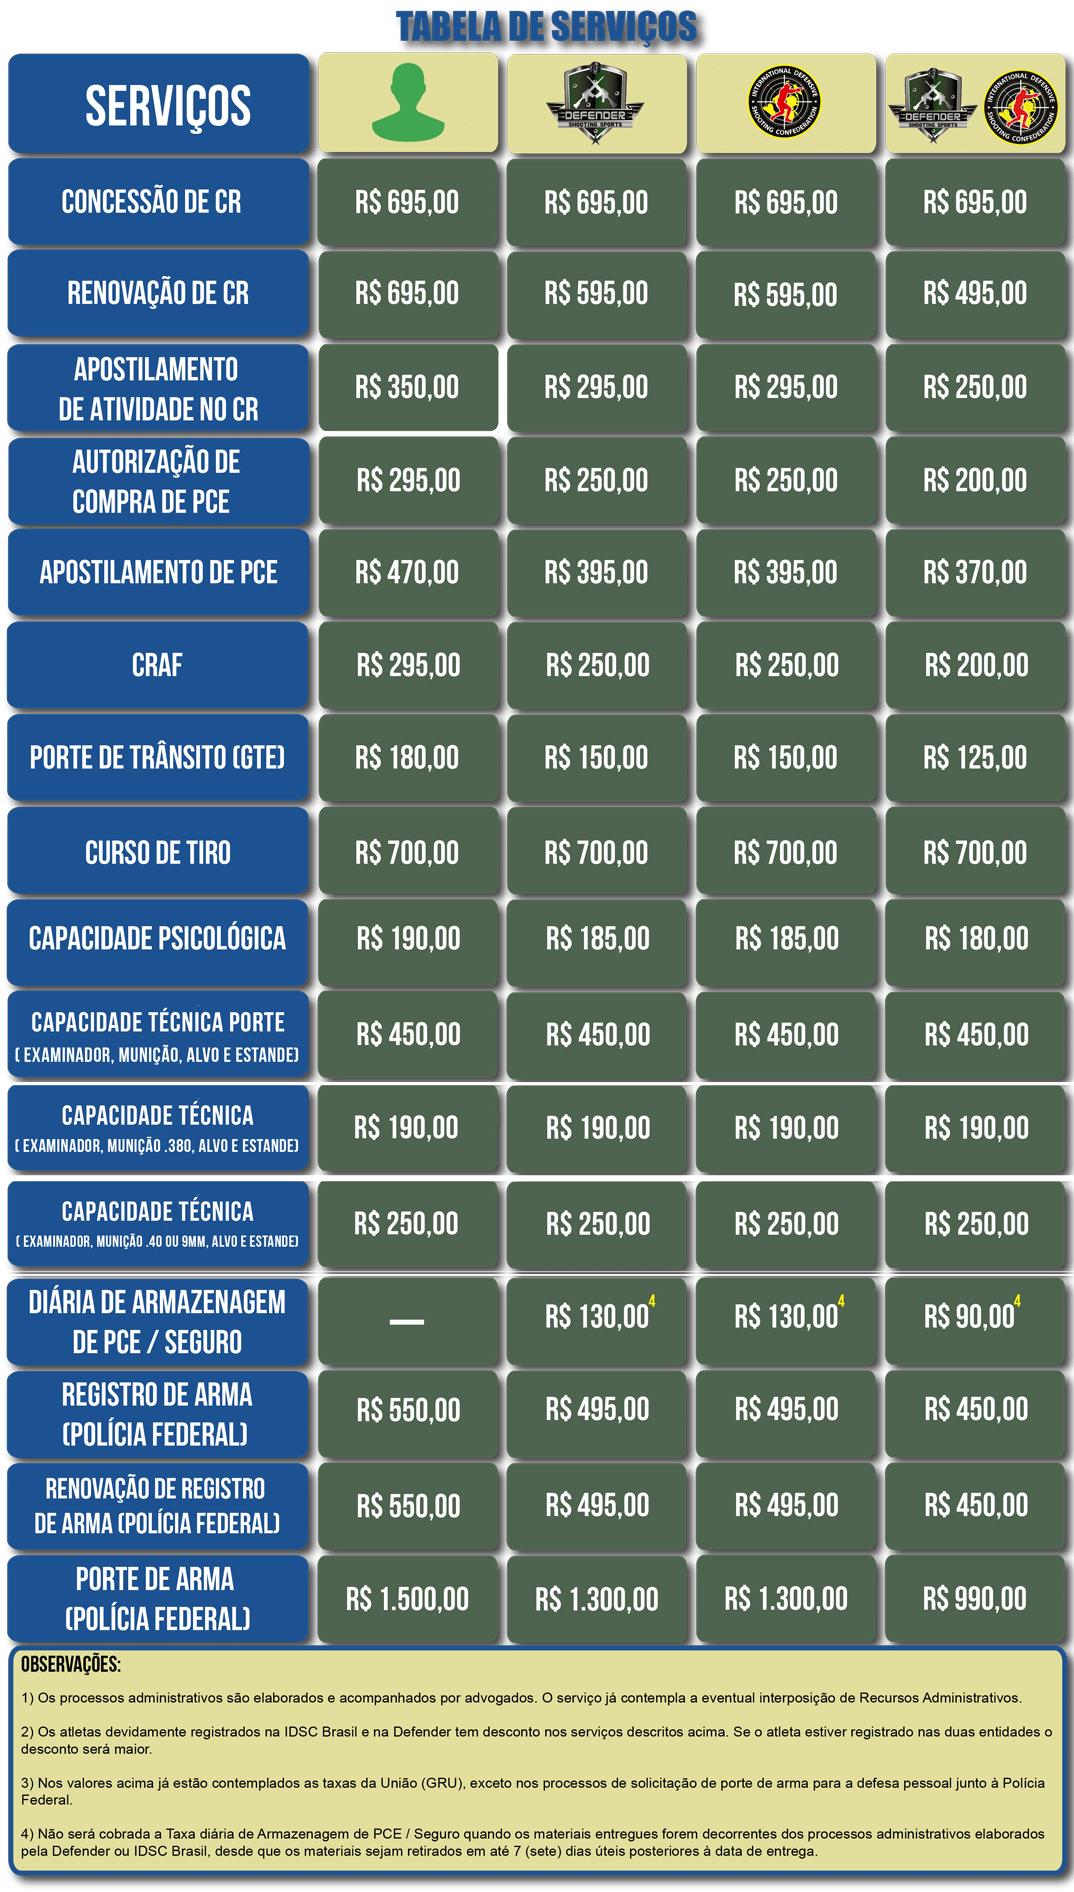 Tabela_servicos (1)